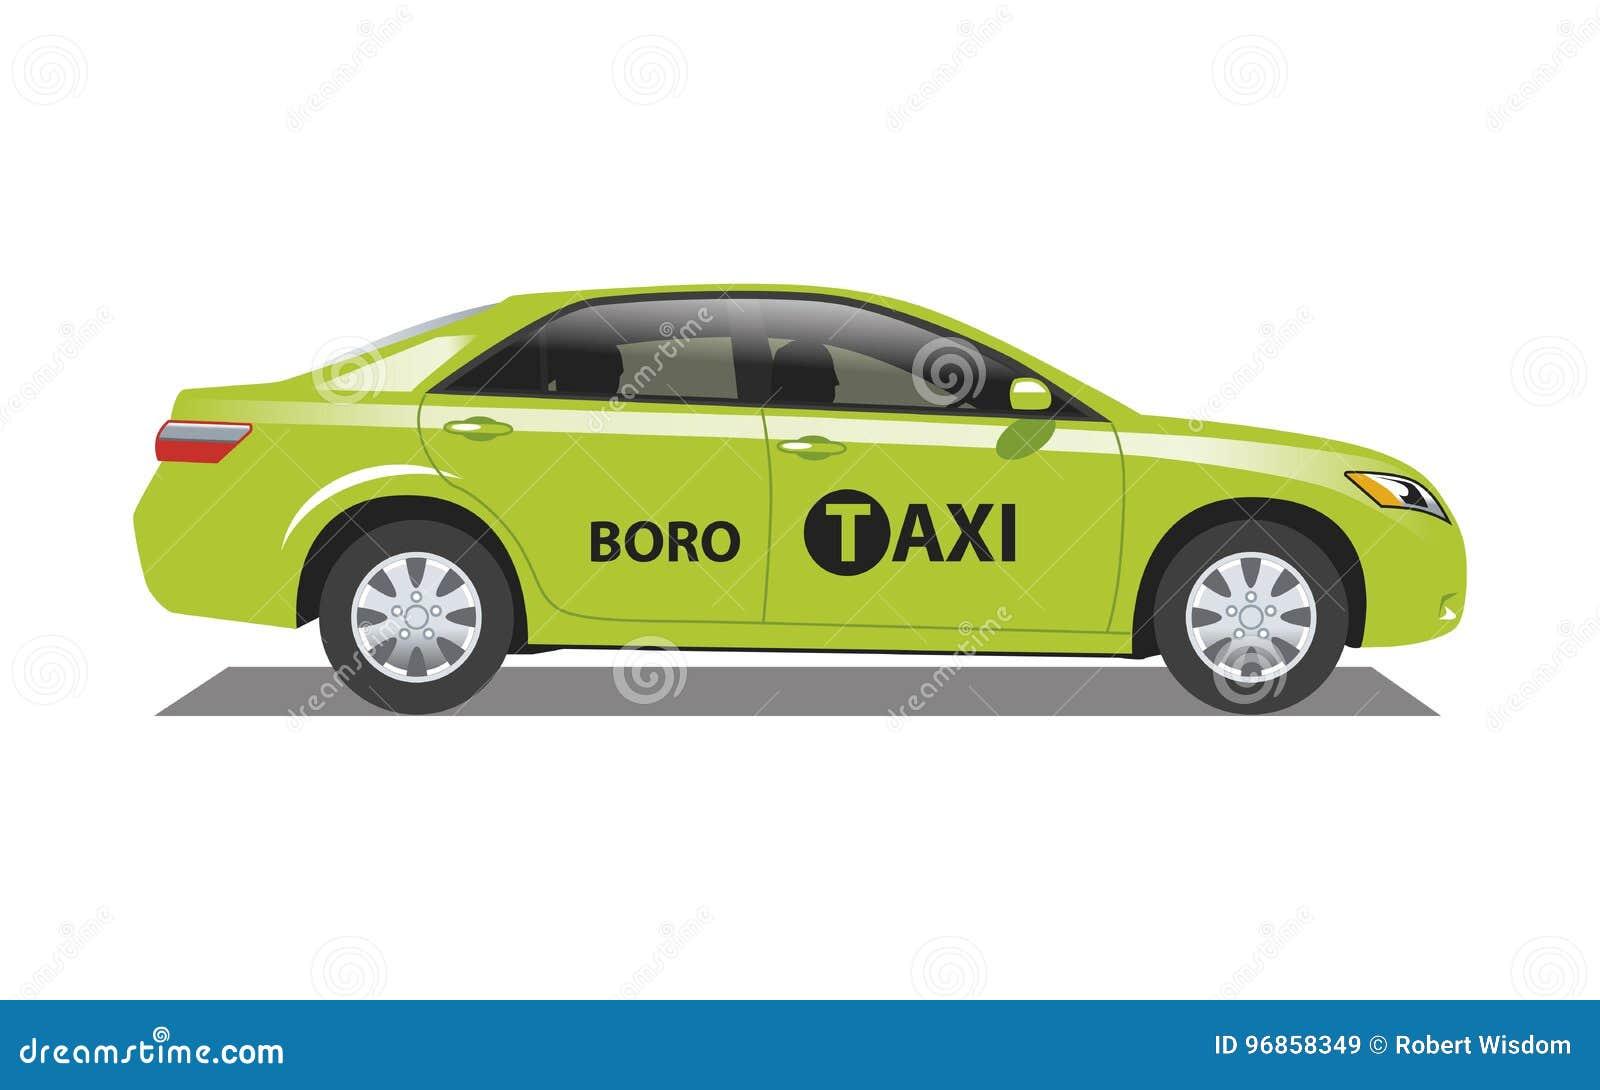 纽约计程车博罗